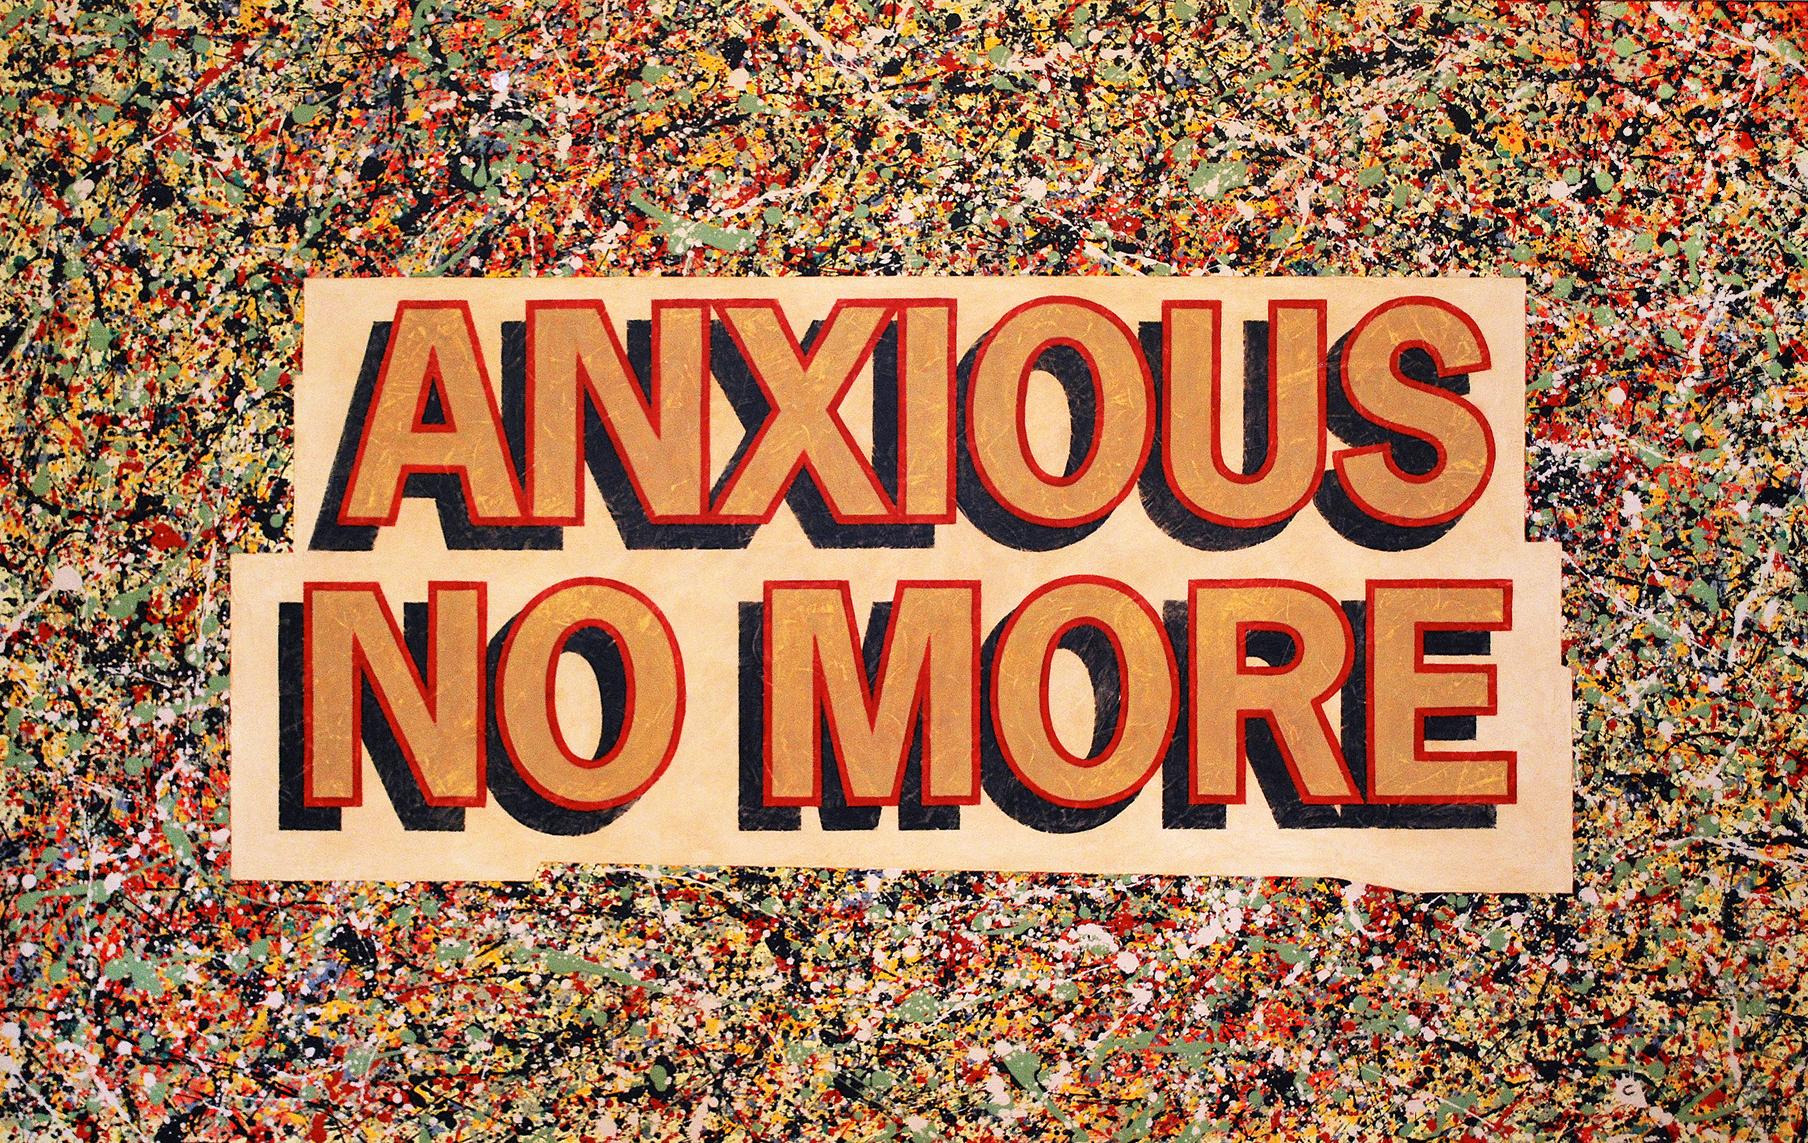 Anxious No More